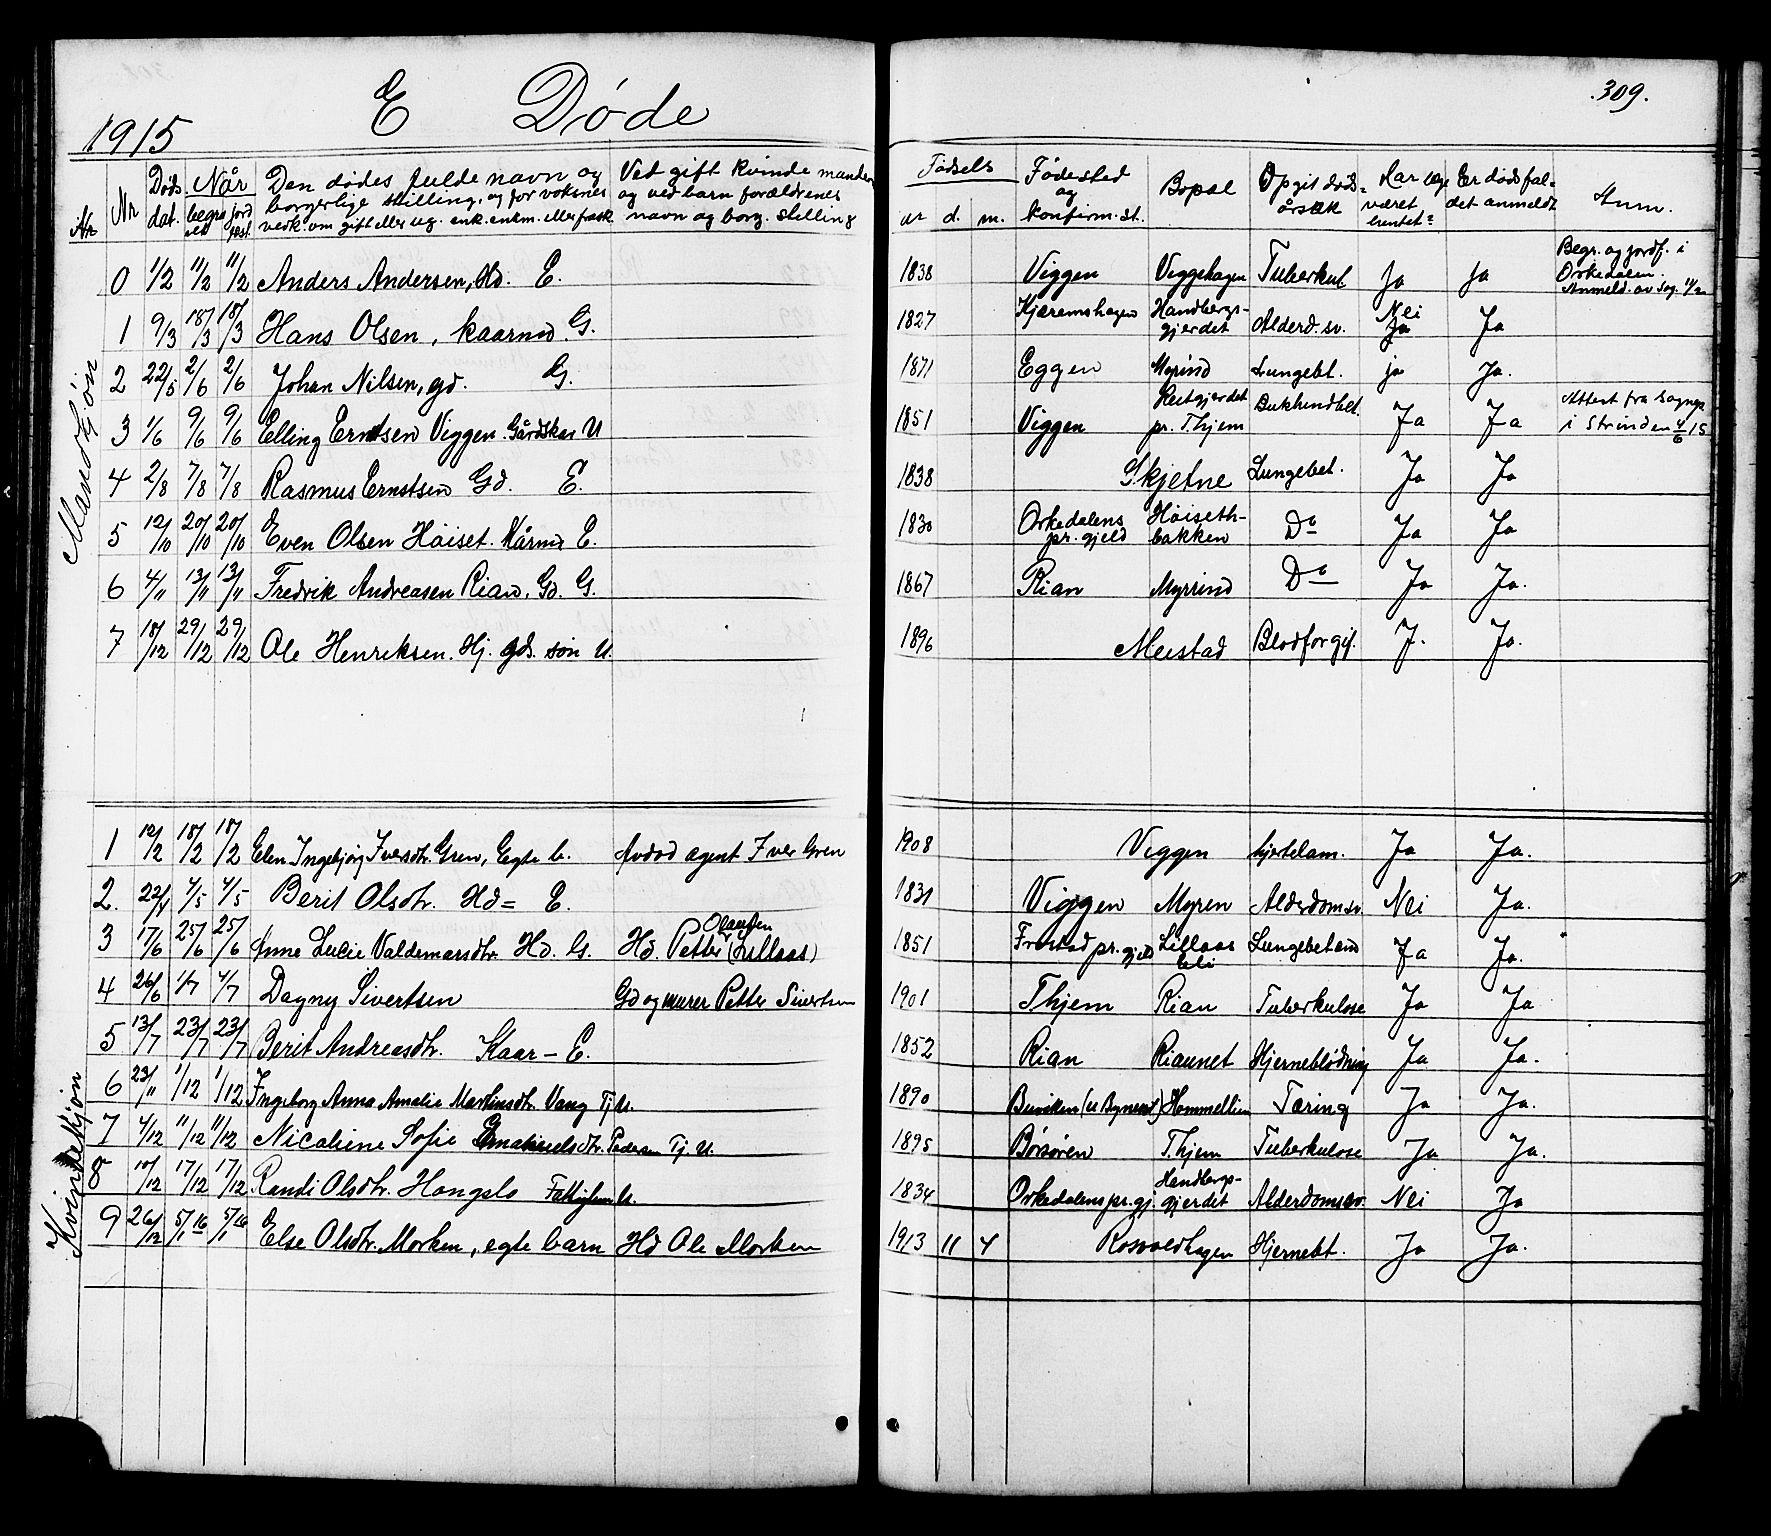 SAT, Ministerialprotokoller, klokkerbøker og fødselsregistre - Sør-Trøndelag, 665/L0777: Klokkerbok nr. 665C02, 1867-1915, s. 309